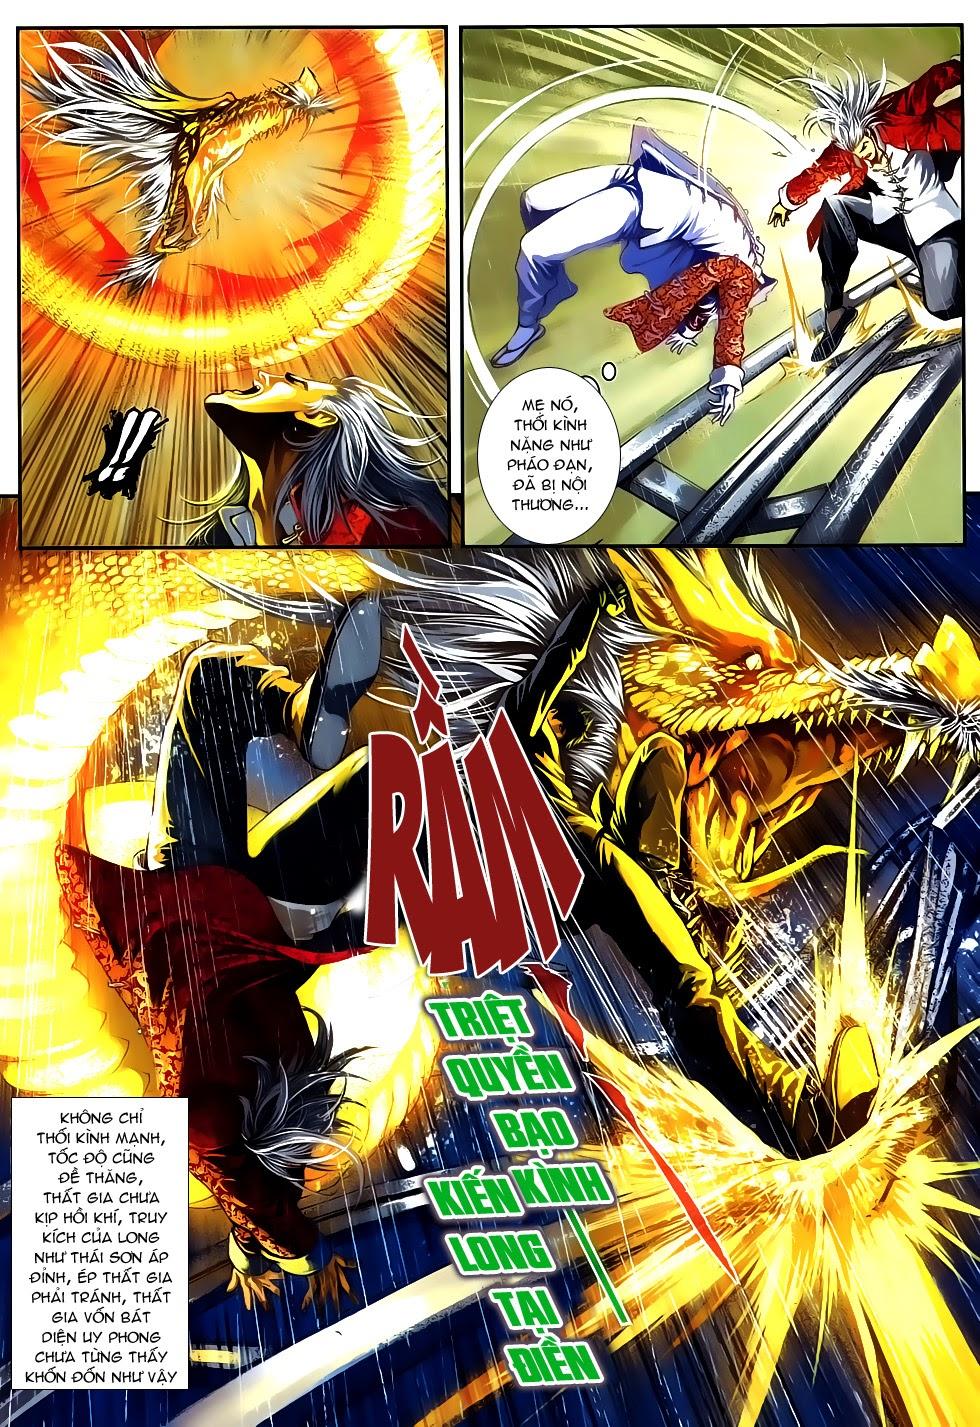 Quyền Đạo chapter 12 - end trang 16